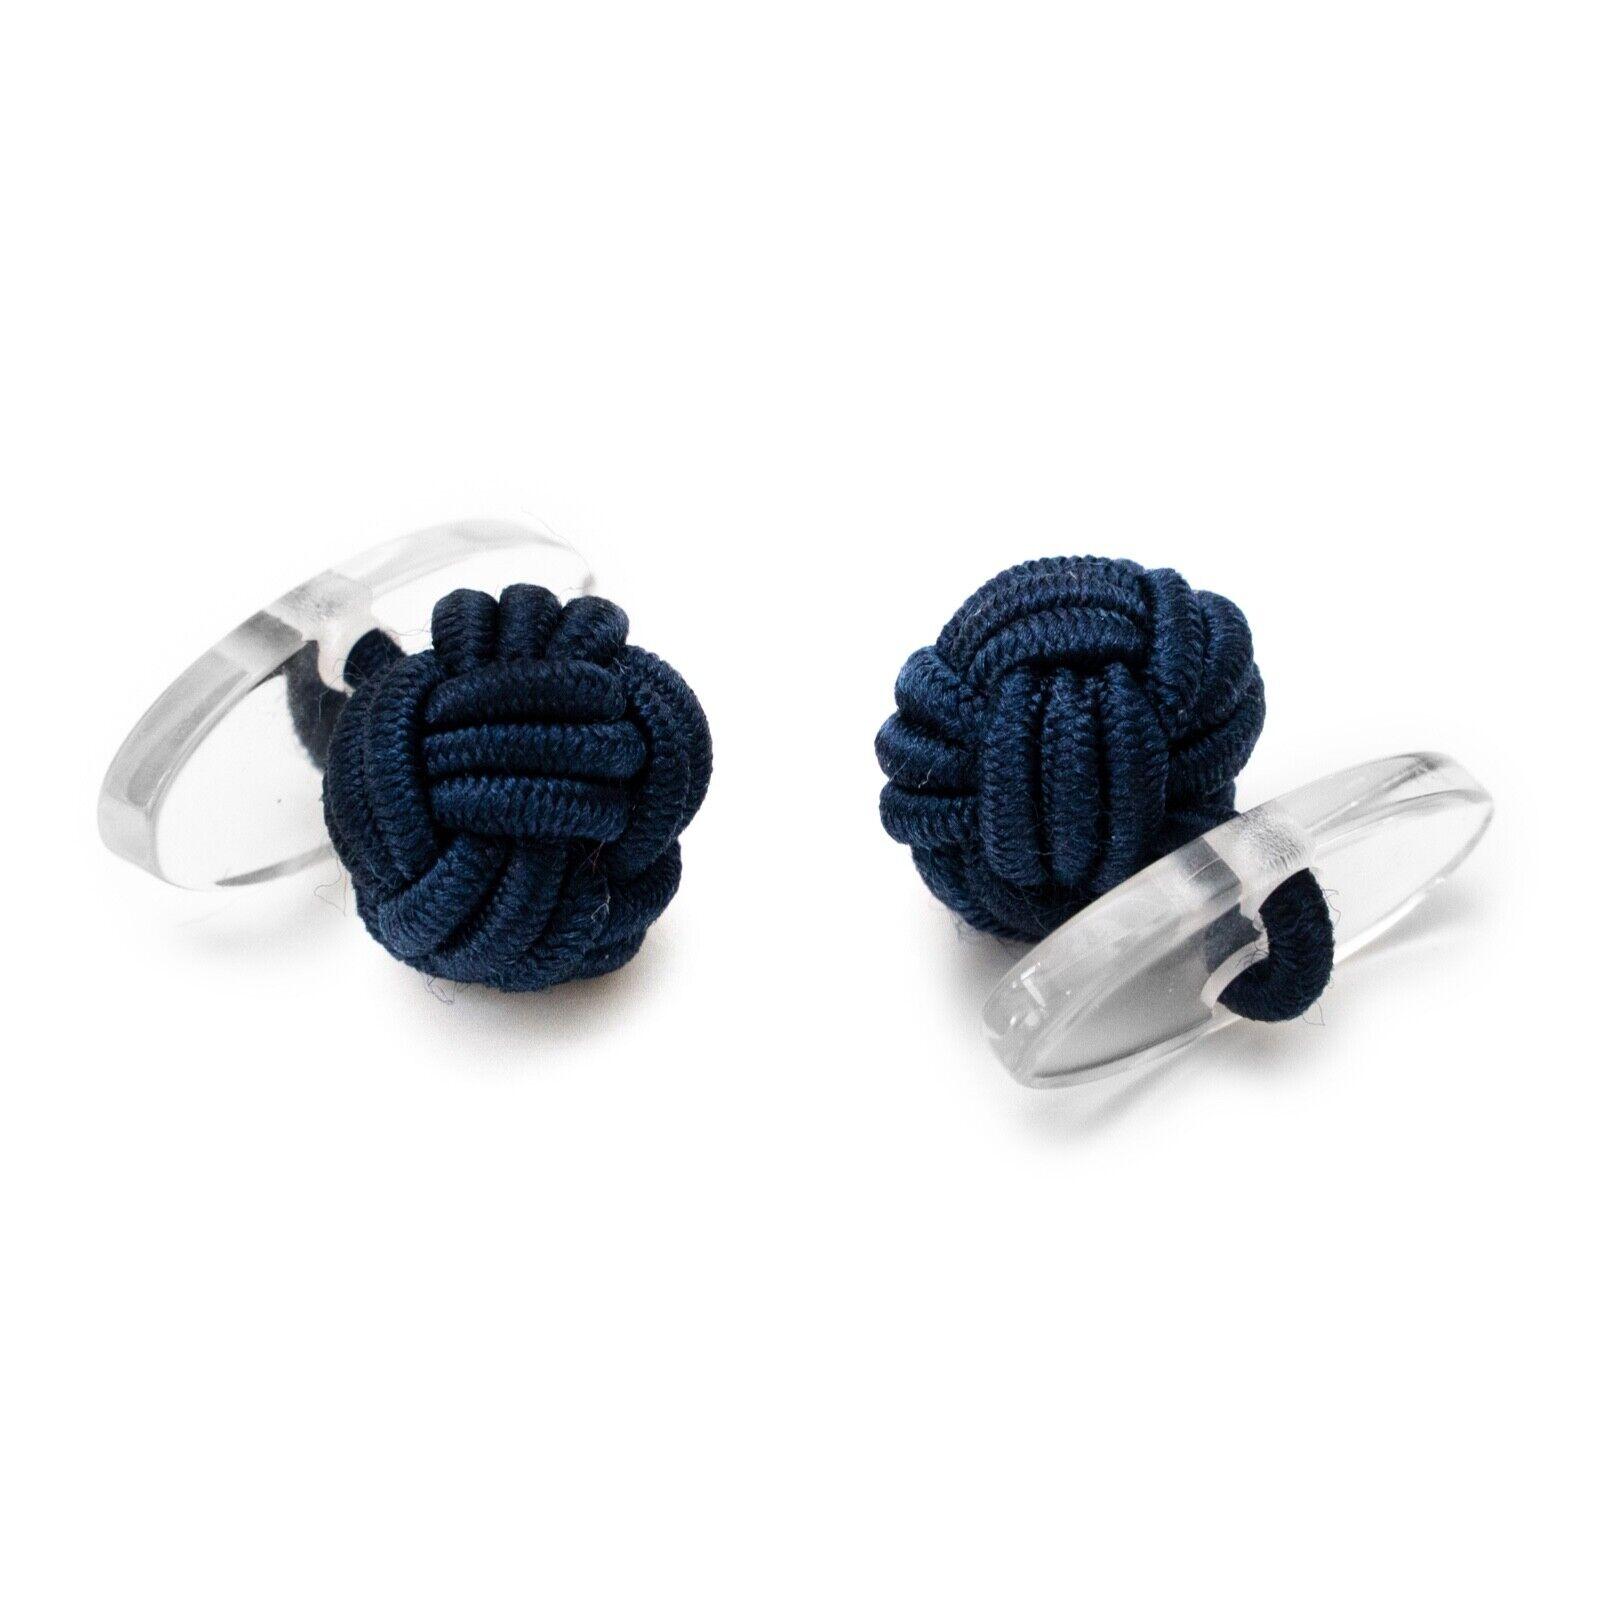 1 Paar Seidenknoten Manschettenknöpfe Knötchen dunkelblau mit Kunststoff Steg